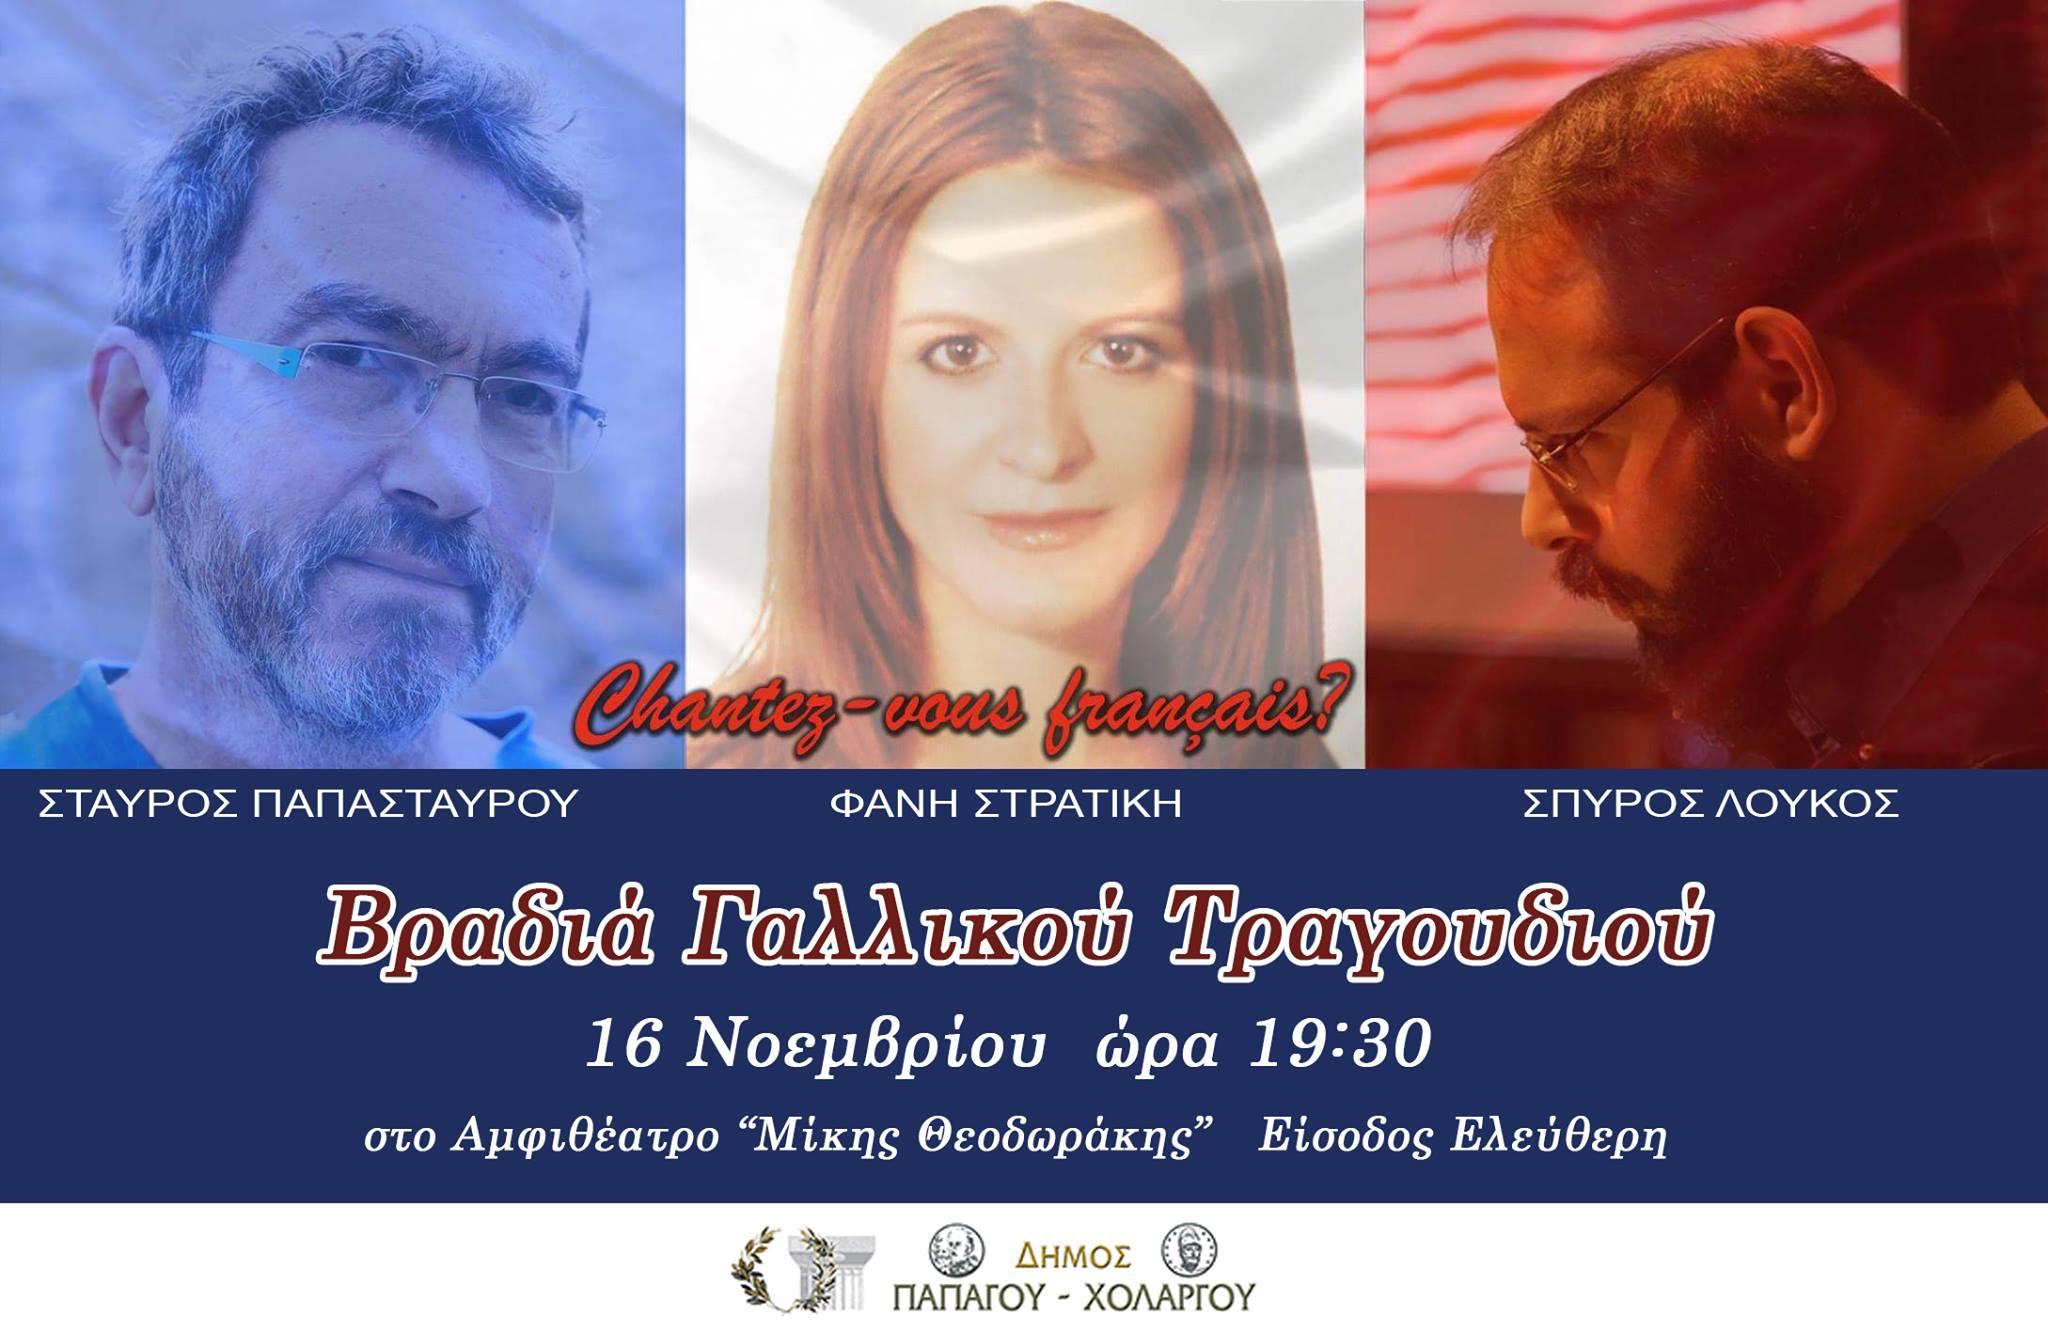 Βραδιά Γαλλικού Τραγουδιού